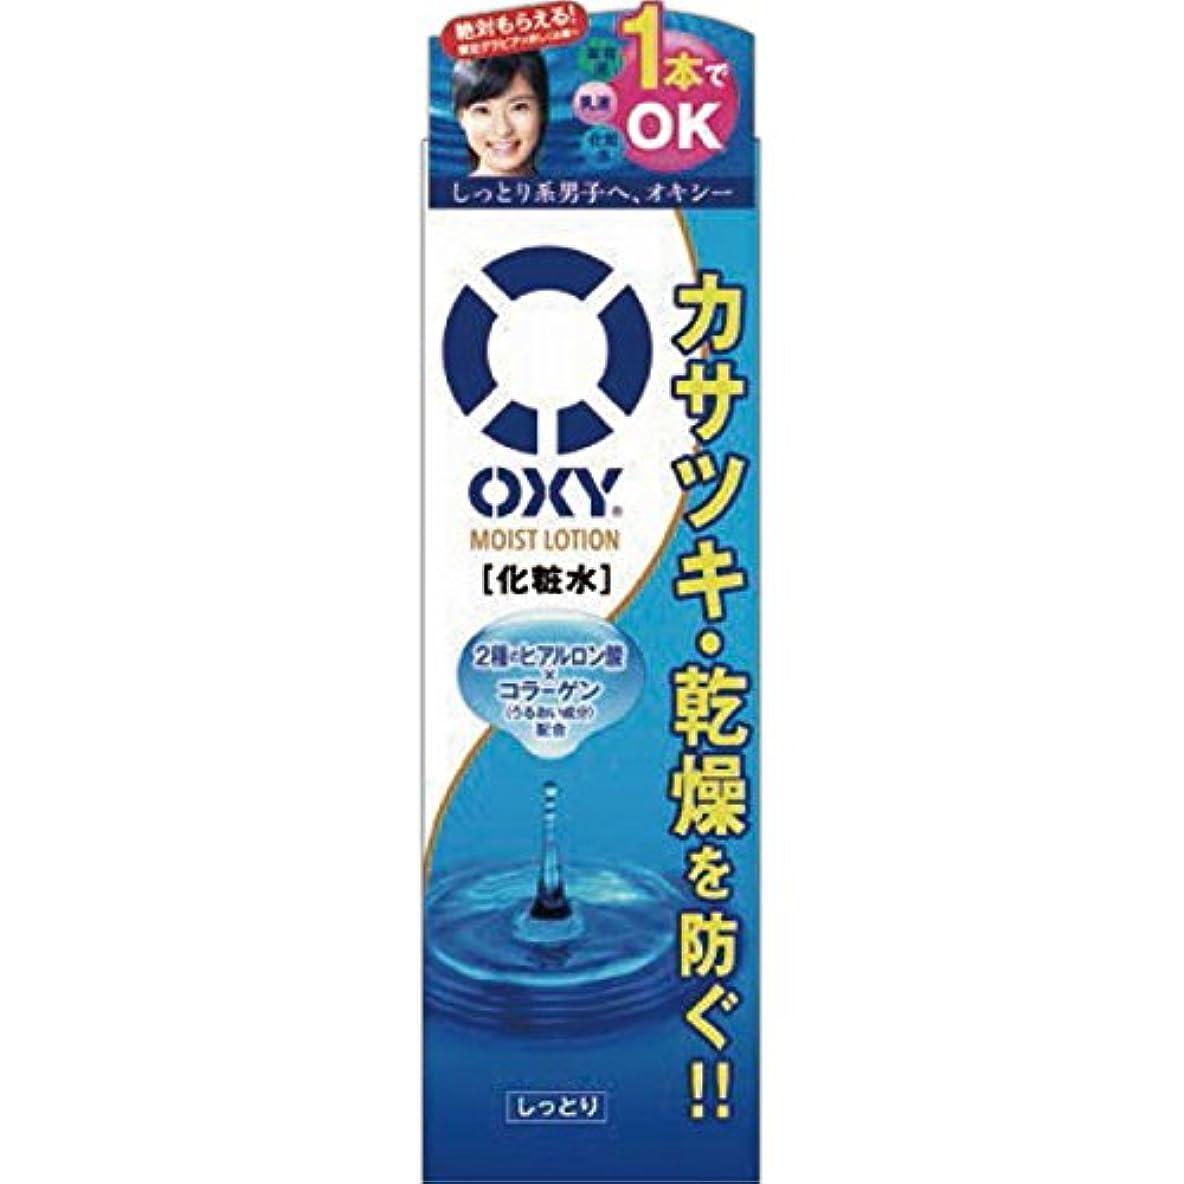 スワップアルコーブ女の子オキシー (Oxy) モイストローション オールインワン化粧水 2種のヒアルロン酸×コラーゲン配合 ゼラニウムの香 170mL